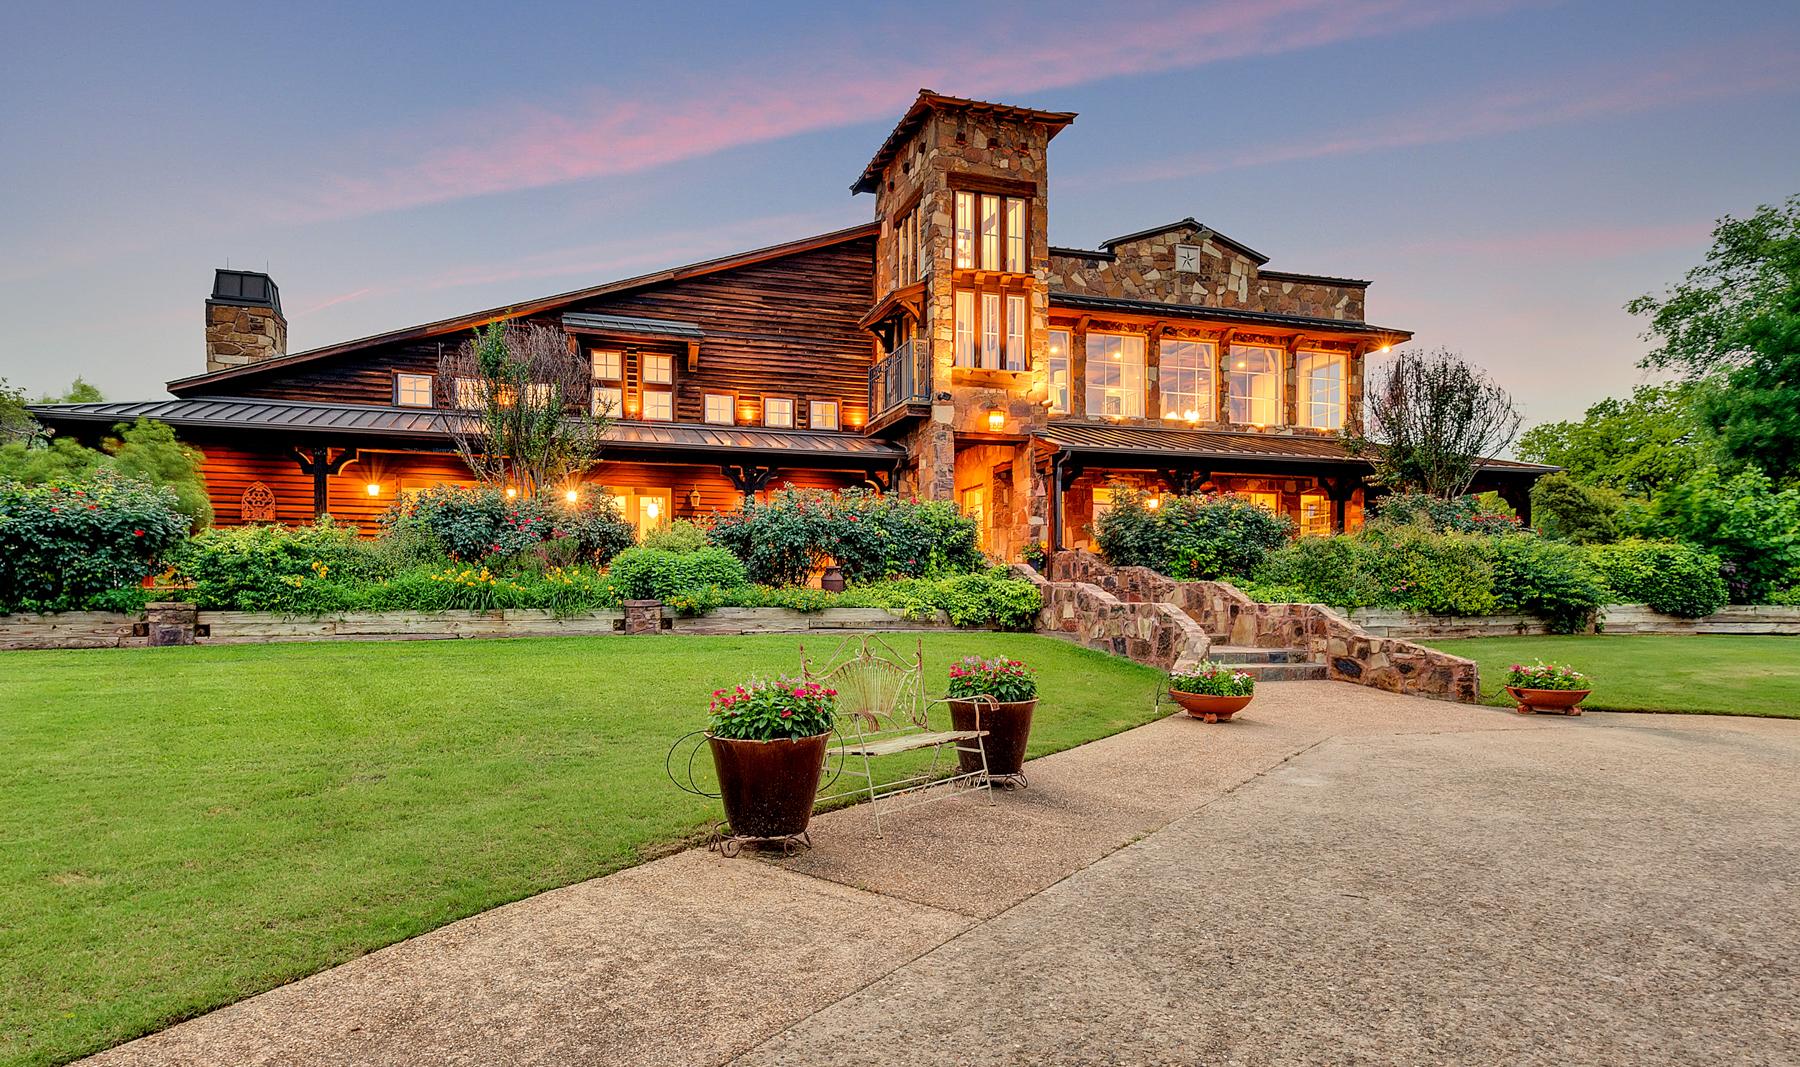 独户住宅 为 销售 在 9998 Hilltop Rd 阿盖尔, 得克萨斯州, 76226 美国